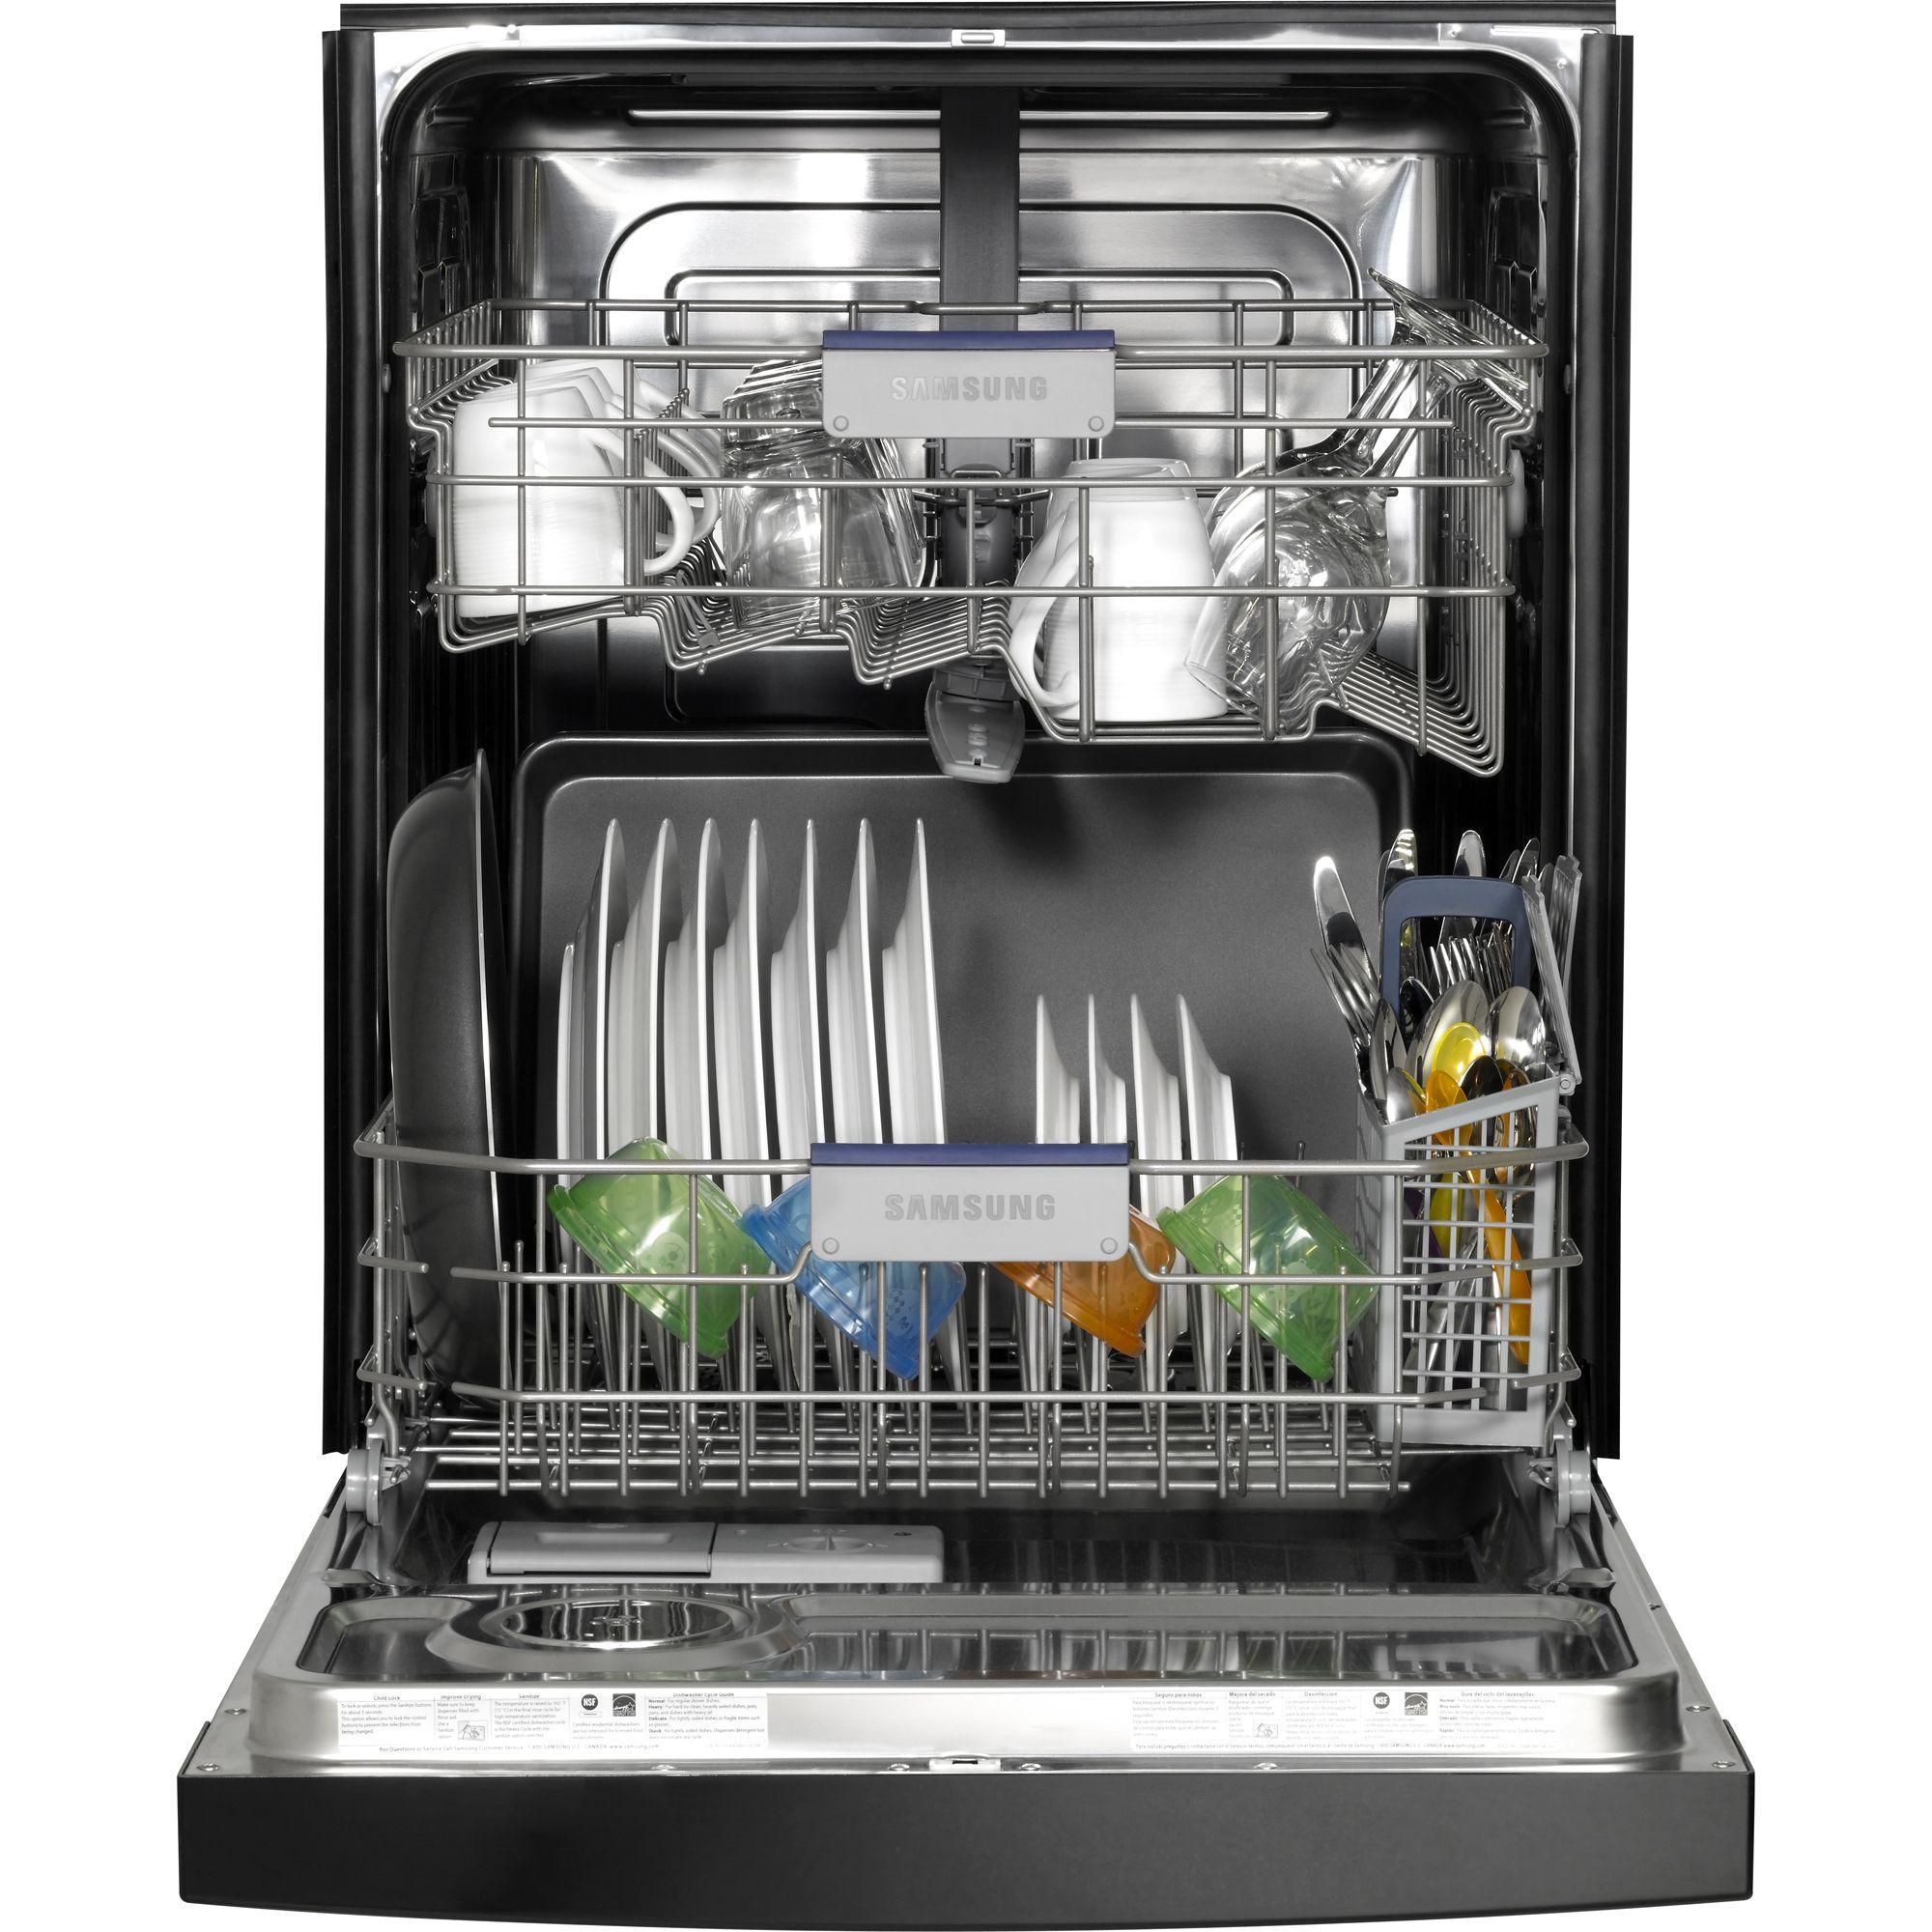 Samsung 24 in. Built-In Dishwasher (Model DMT300RFB)